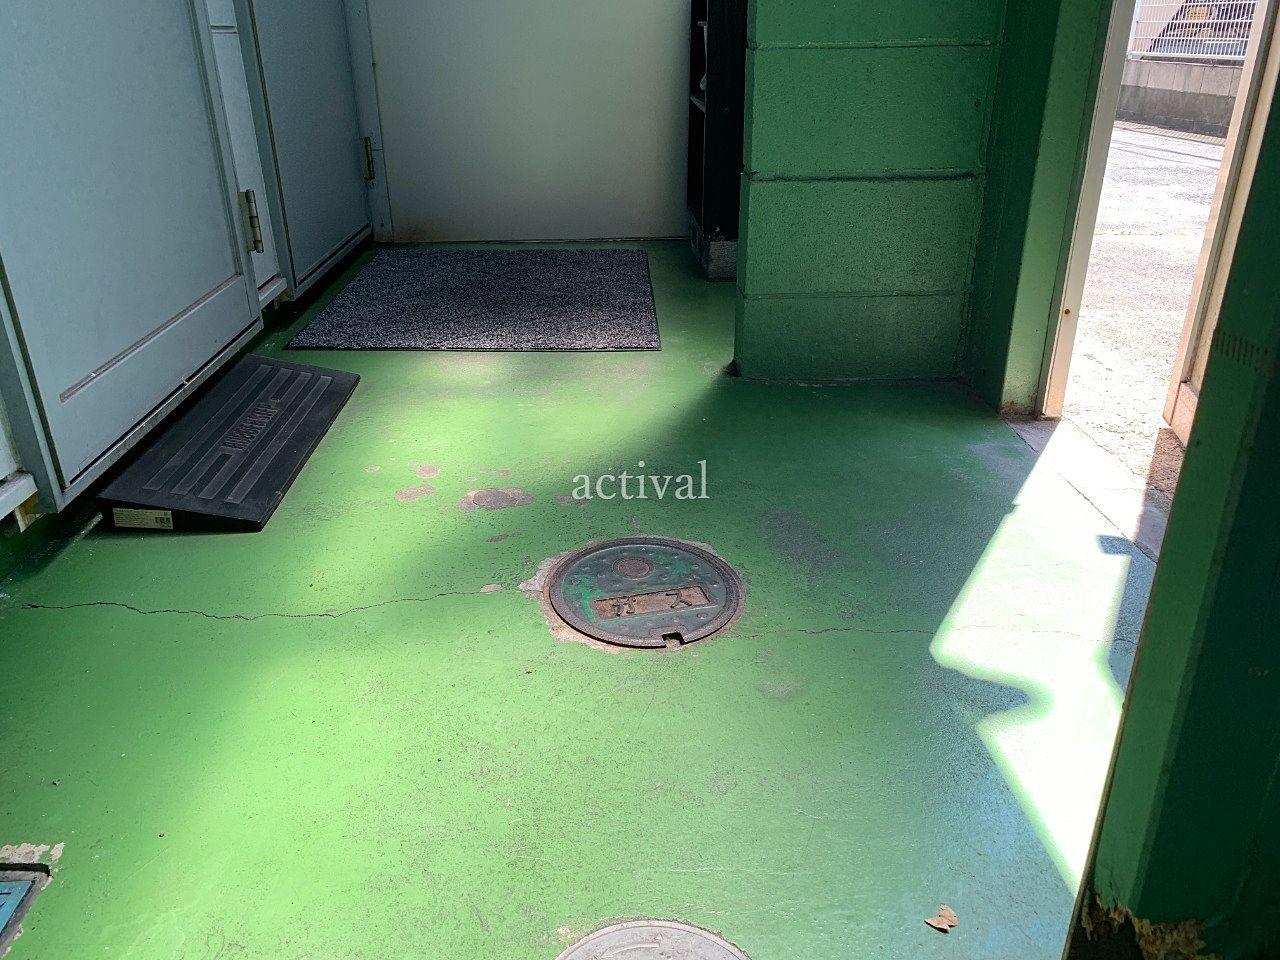 ア・ス・ヴェルデⅢ共用スペースの床掃除(水拭き)をしました。